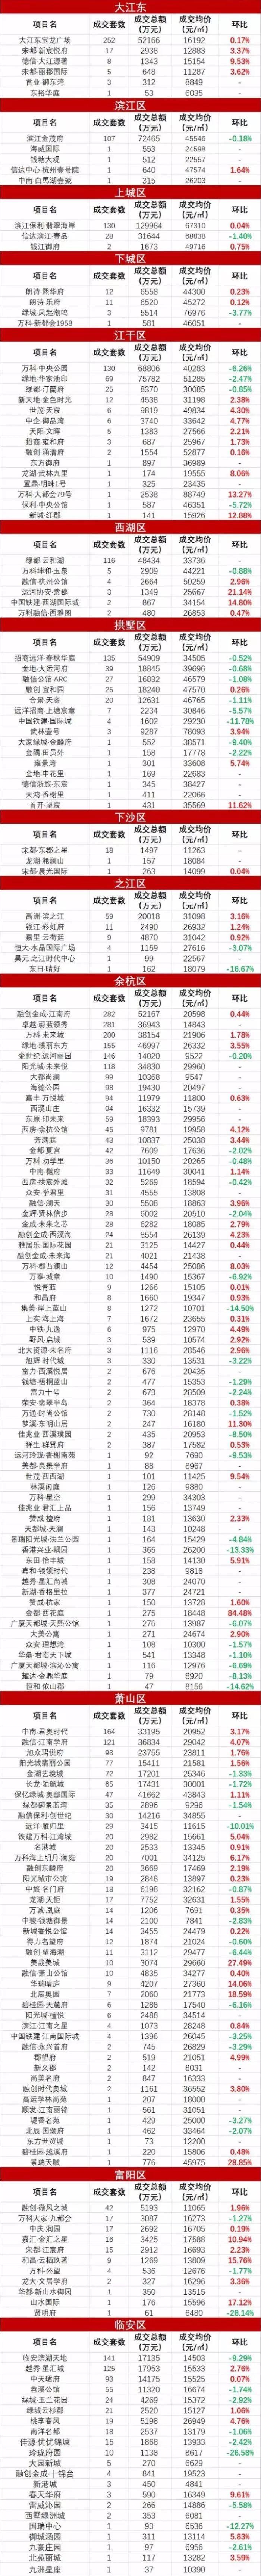 新房供应不足!大江东2月新盘价格曝光,这个楼盘单个项目上涨26.97%,均价33737元/㎡!